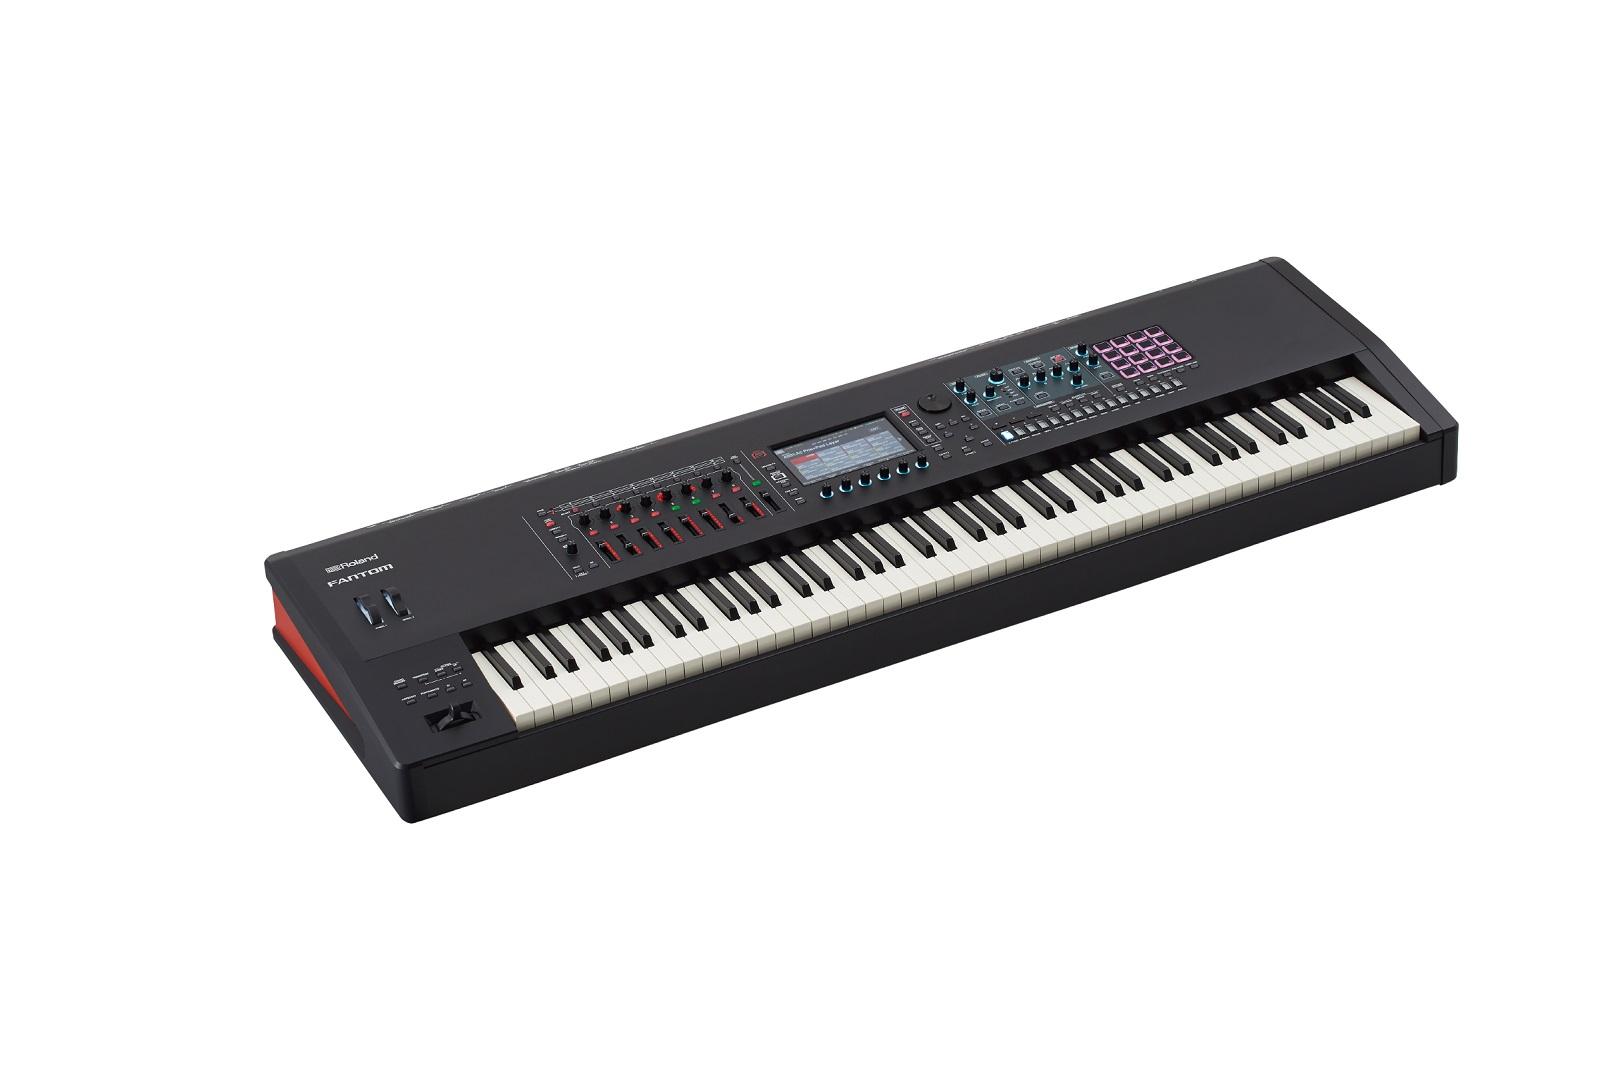 【数量限定即納可能】Roland ローランド FANTOM-8【MUSIC WORKSTATION】 【シンセサイザー】【88鍵盤】【送料無料】